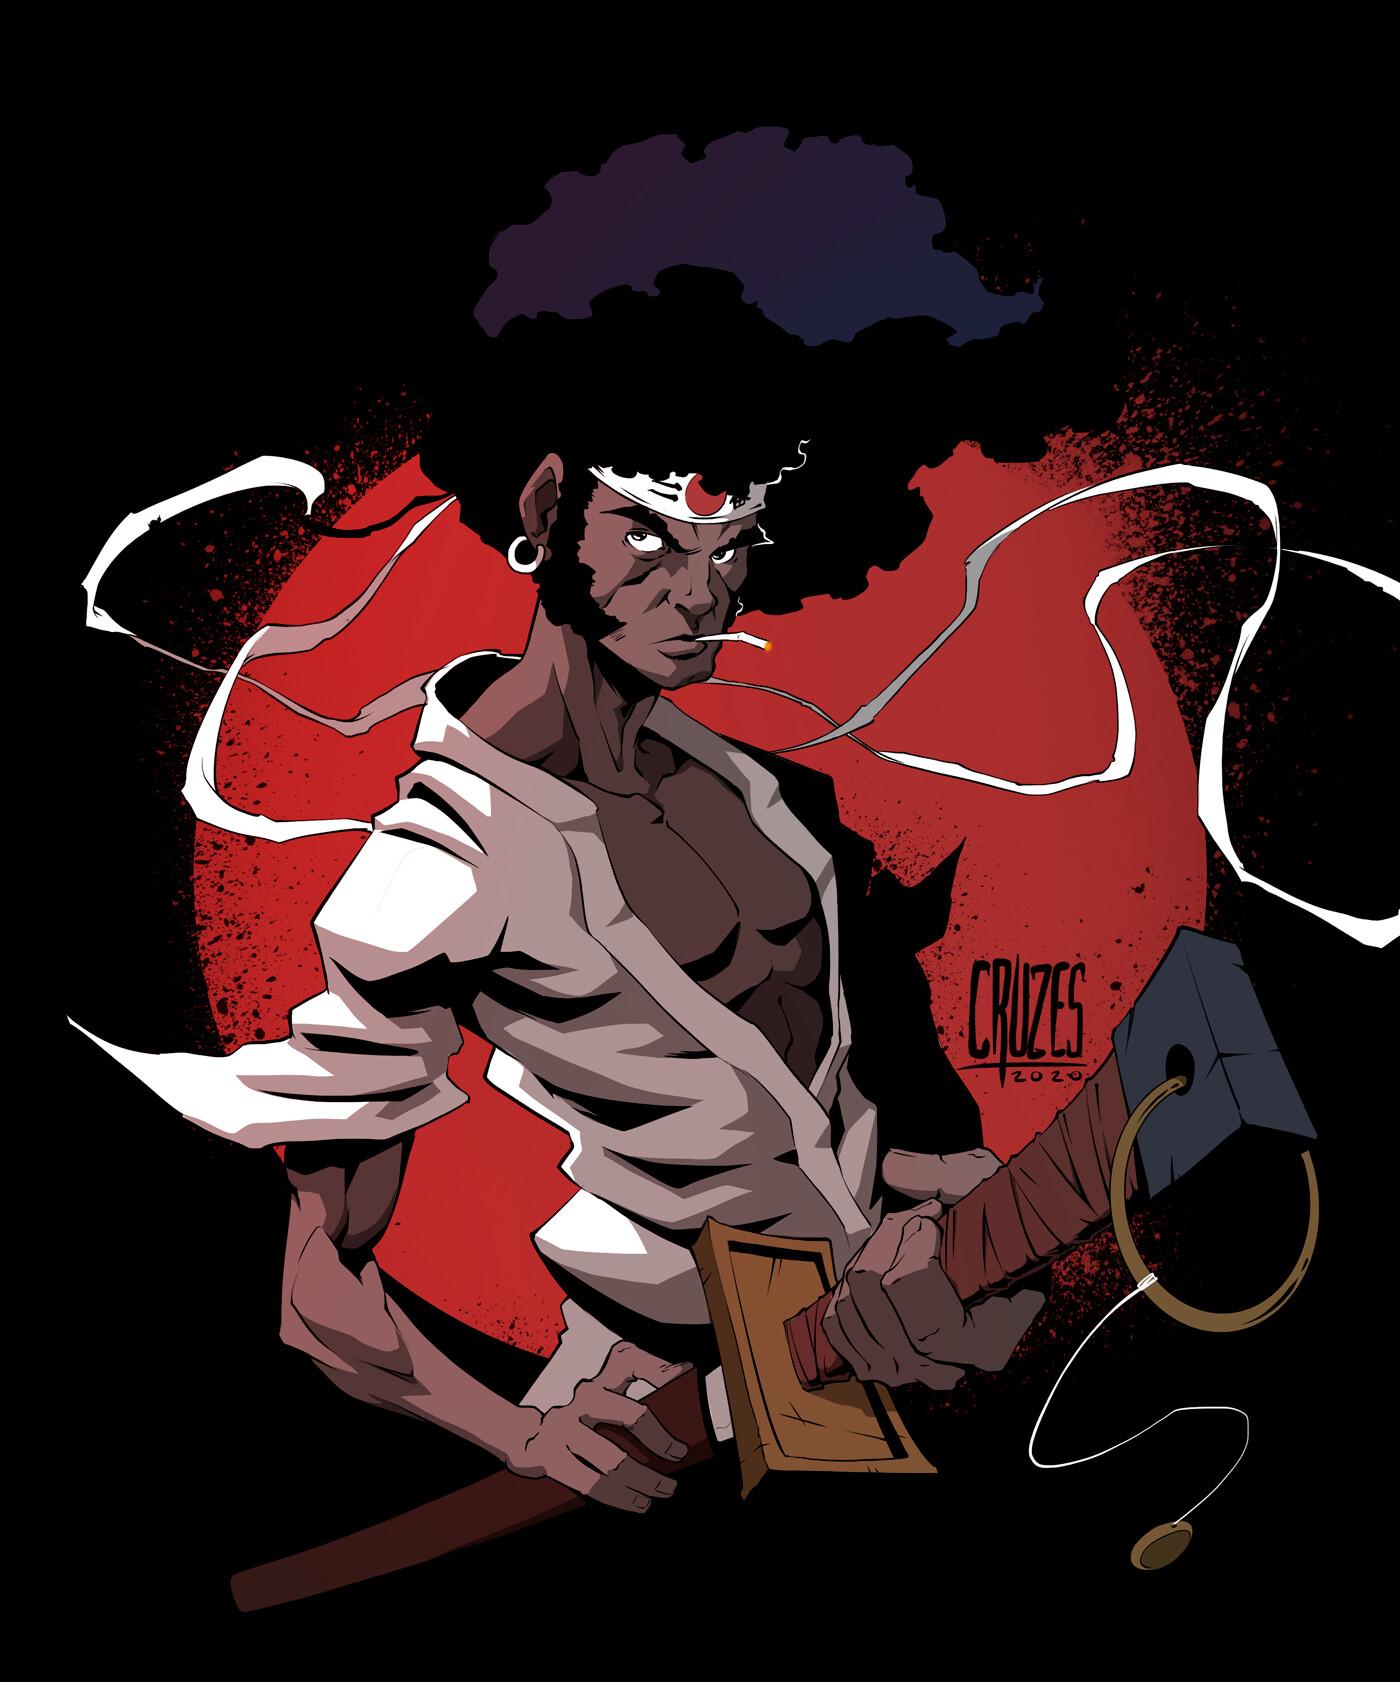 Leandro Cruzes Afro Samurai